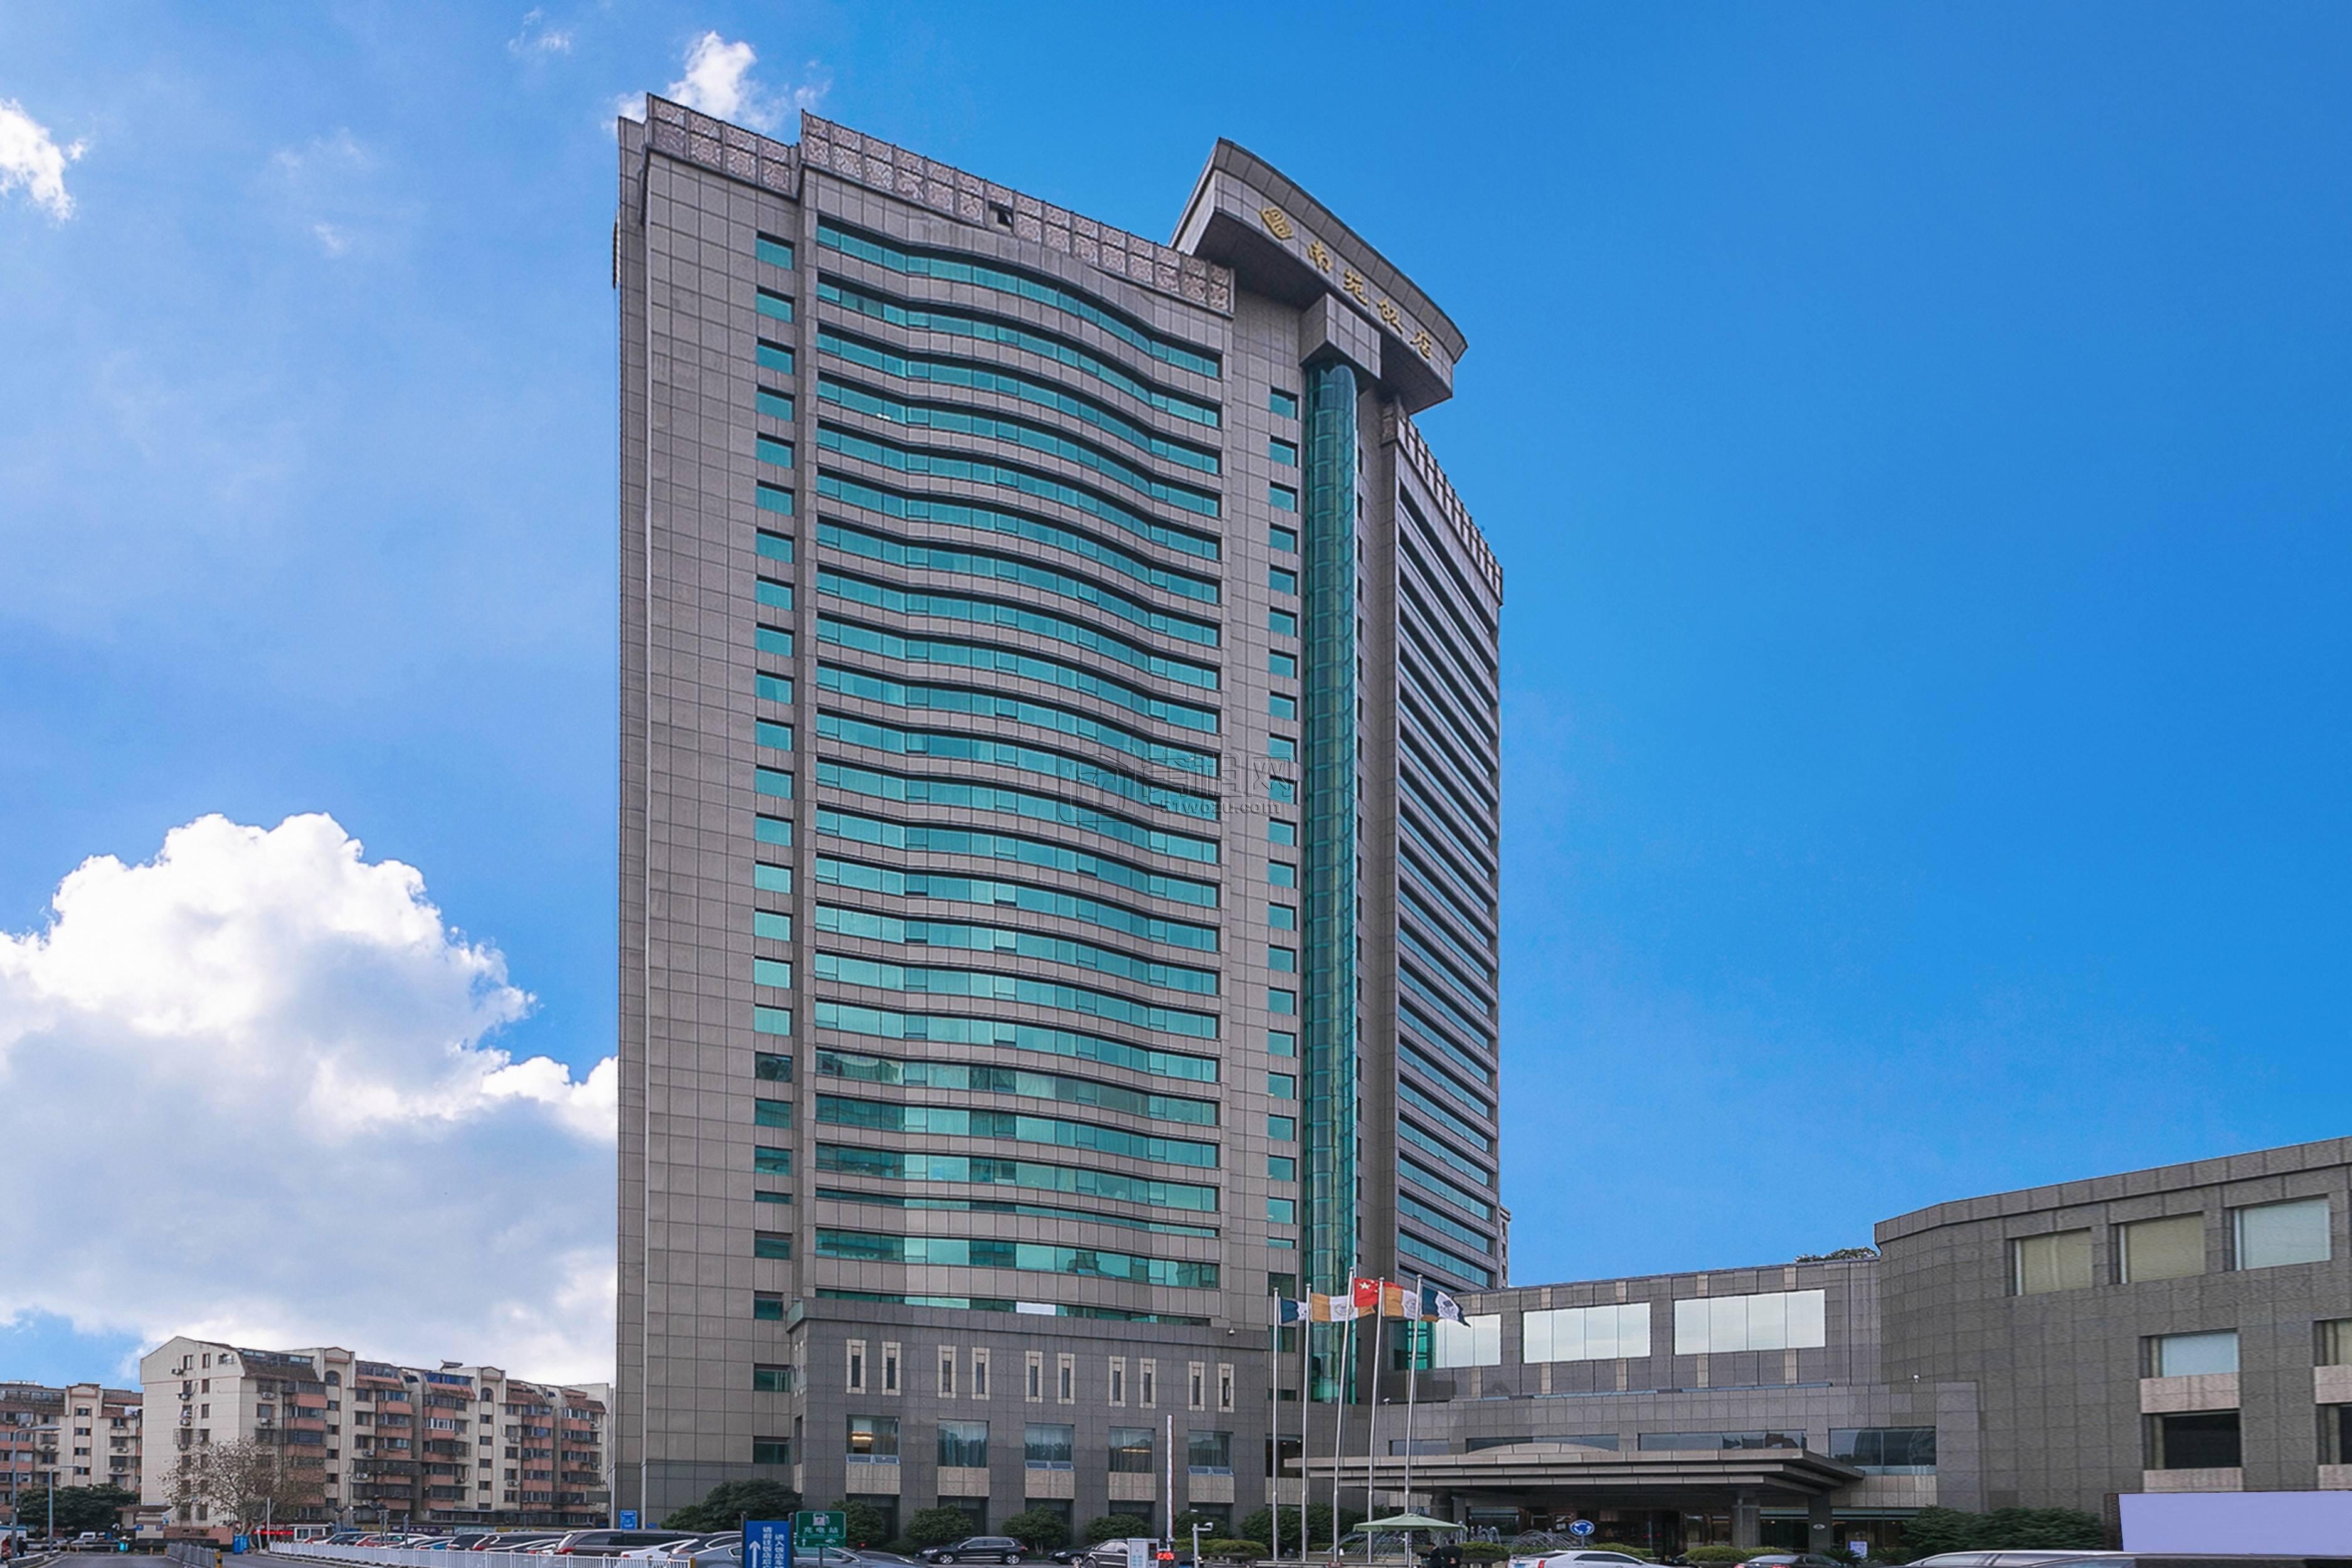 宁波南苑饭店商务楼物业费和空调能耗费多少?